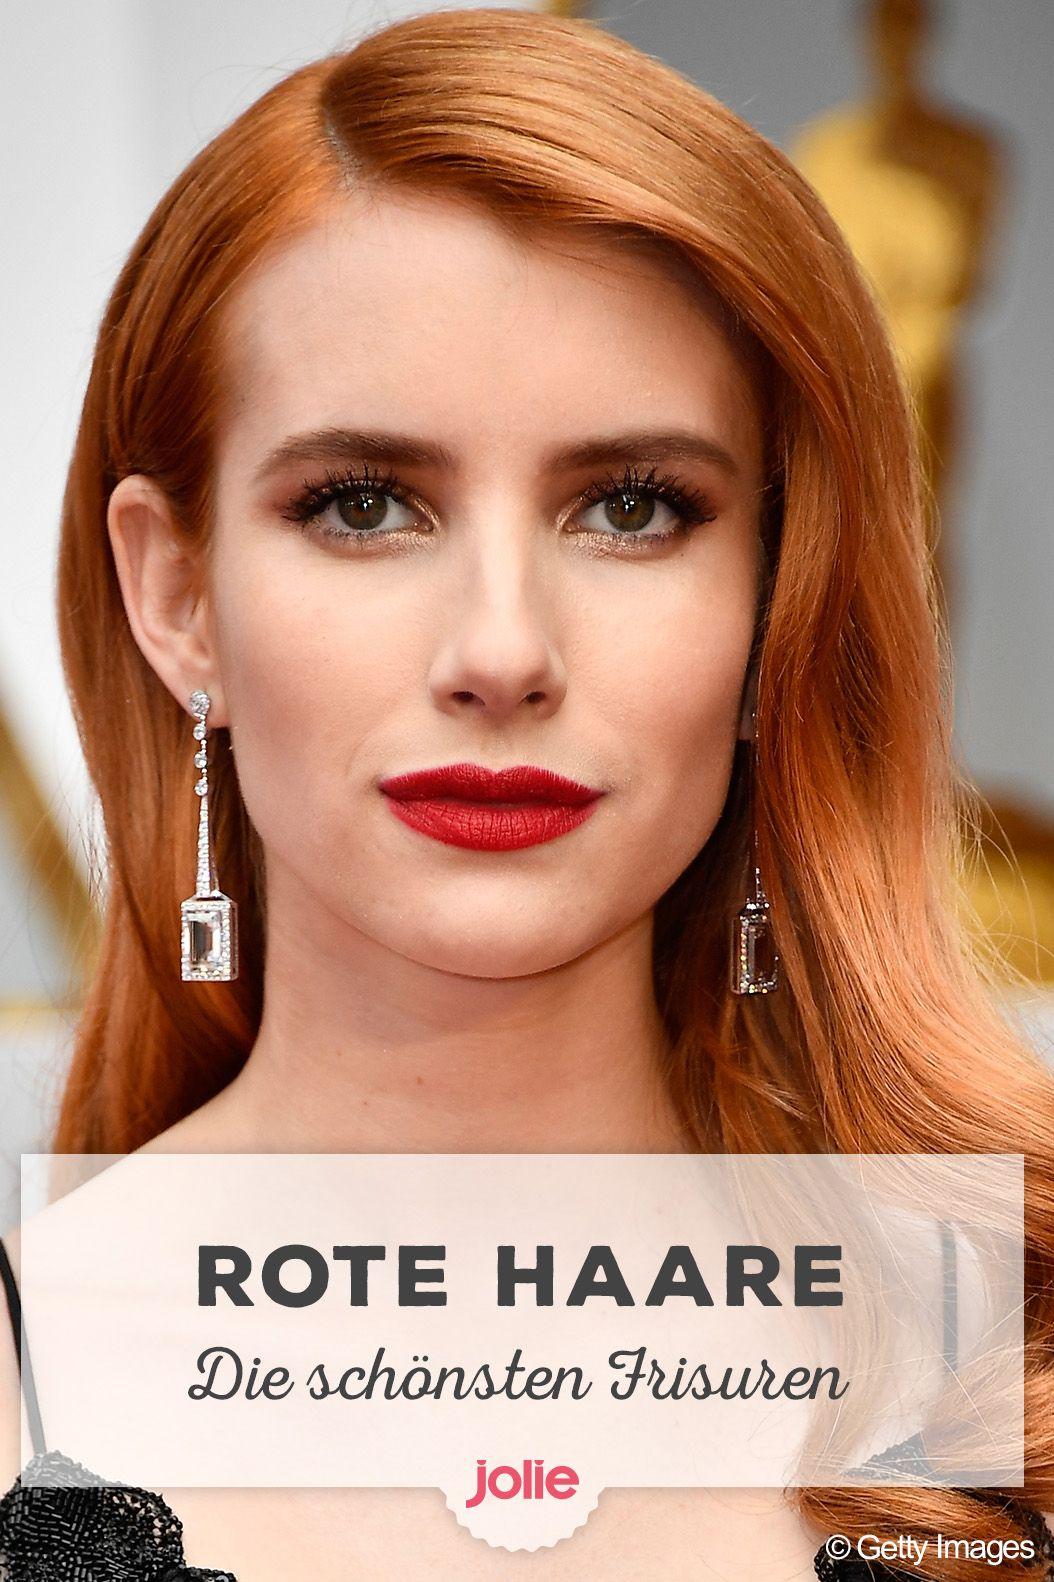 Frisuren-Trend Rote Haare: Styling Tipps und Farben für